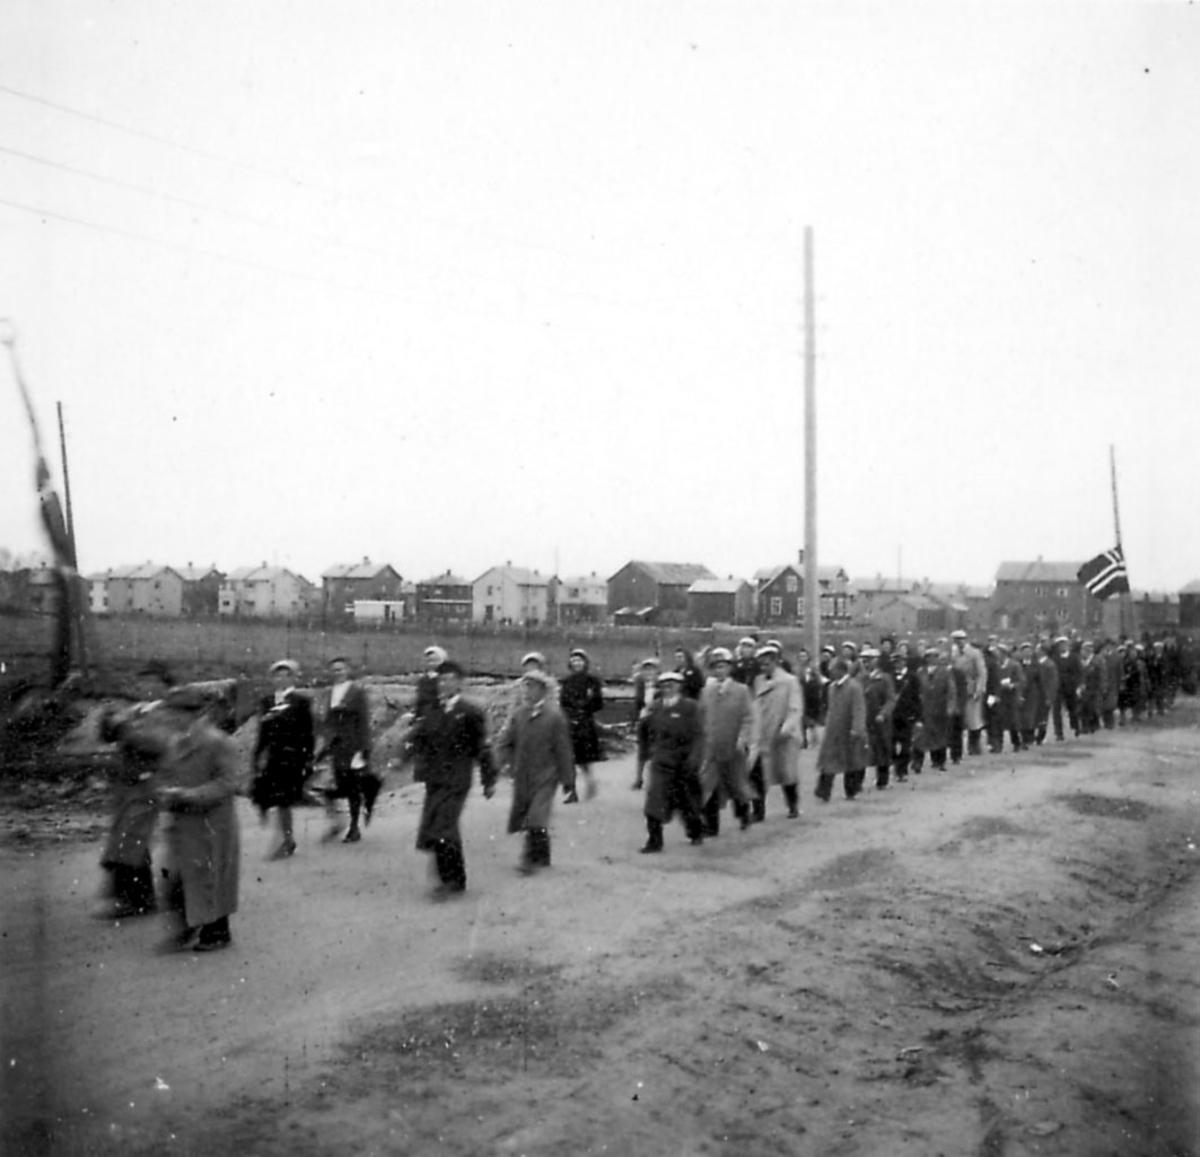 Frigjøringsdagene i Bodø etter krigen 1940 - 1945. Mange personer går i tog.